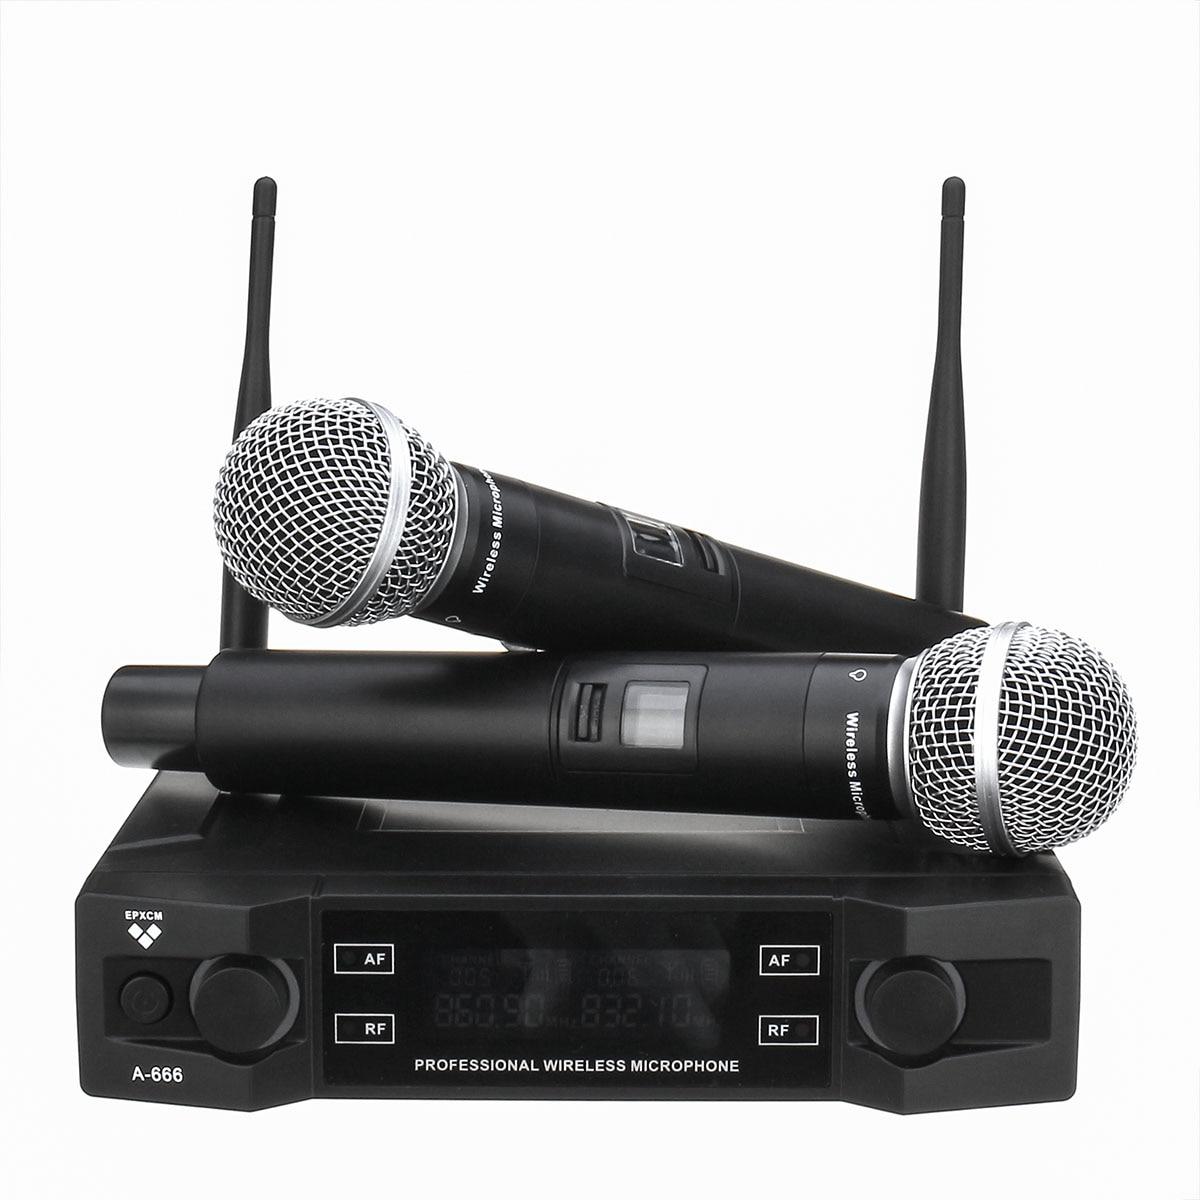 UHF беспроводной микрофон системы 2 канала 2 беспроводной ручной микрофон Kraoke речи вечерние вечеринок кардиоидный микрофон Professional